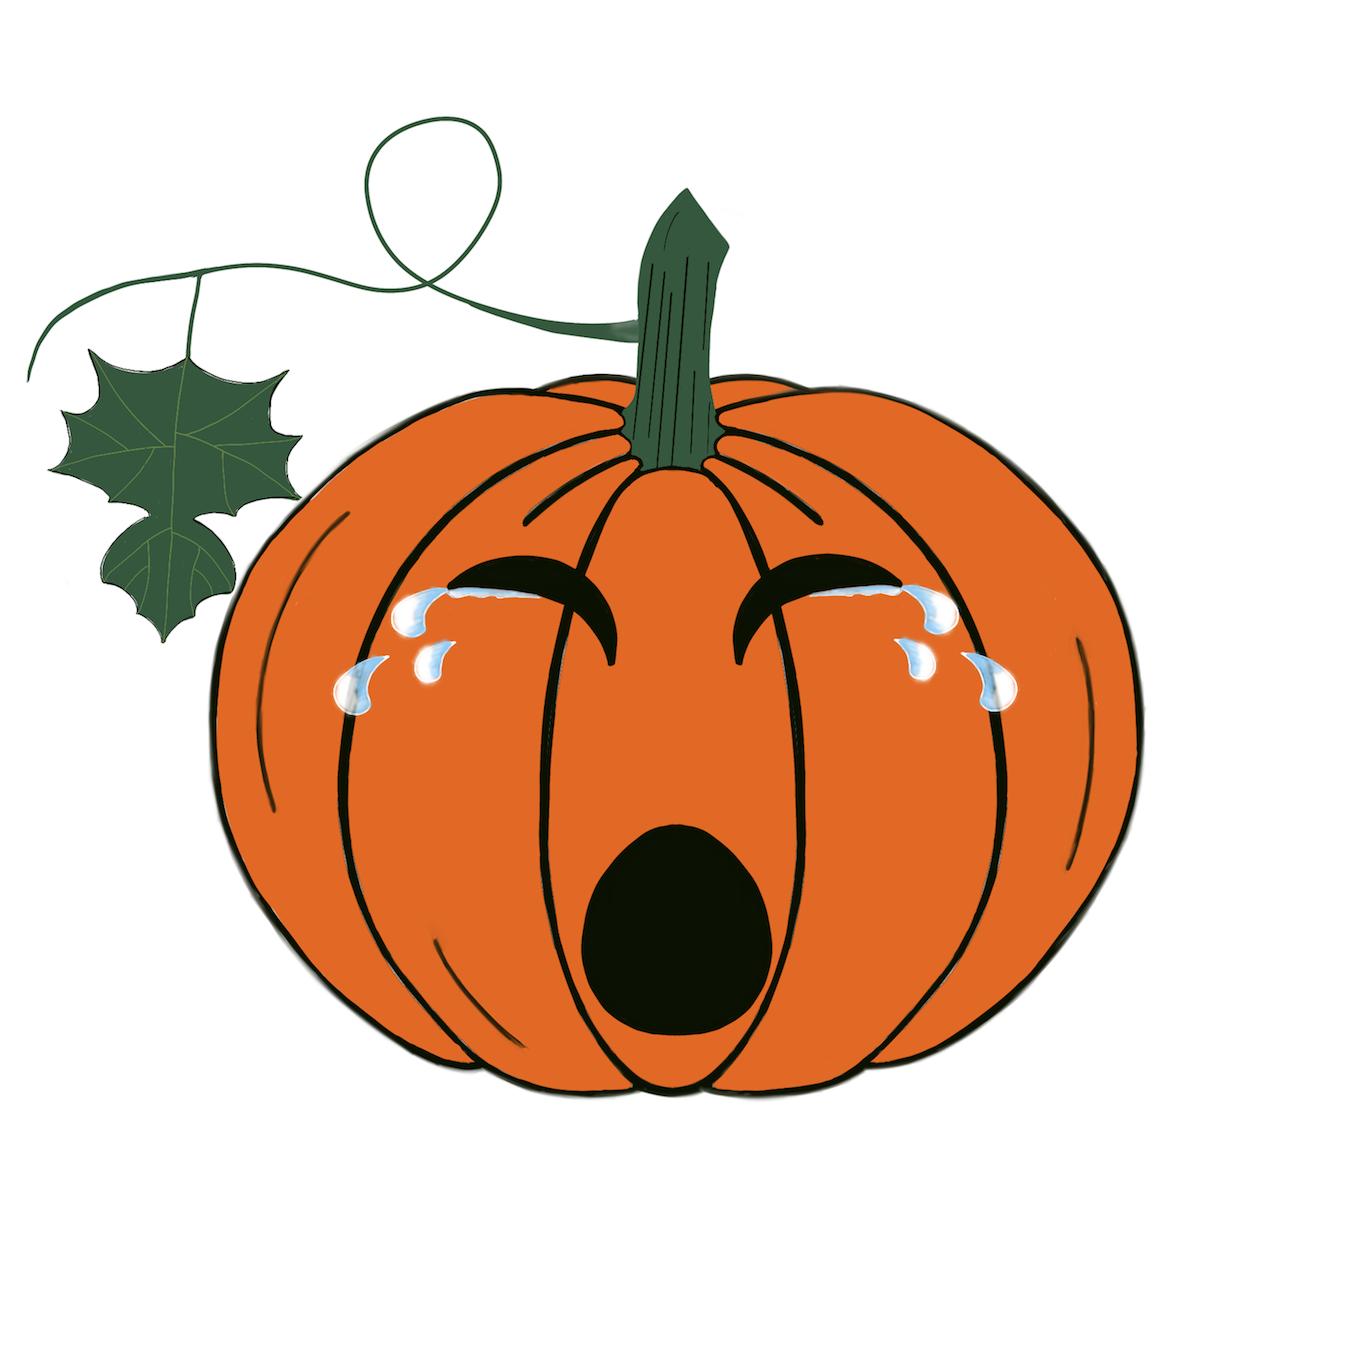 Pumpkin time stickers messages sticker-5